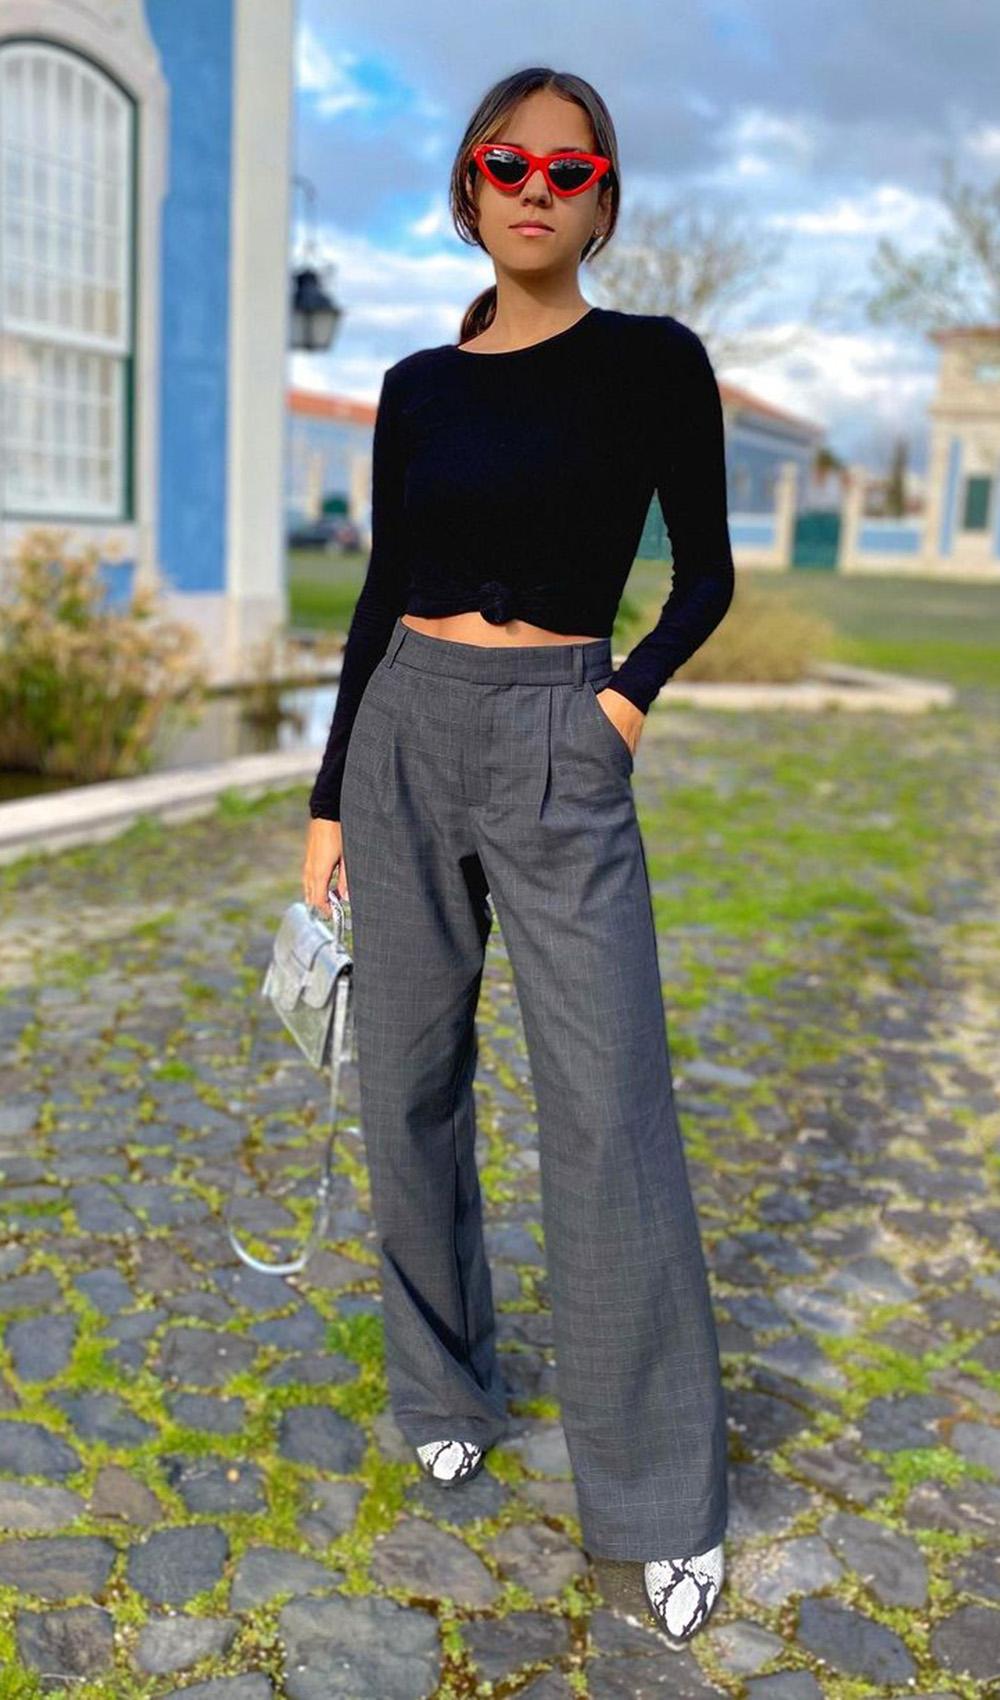 calça de alfaiataria, blusa preat de manga e bota de cobra